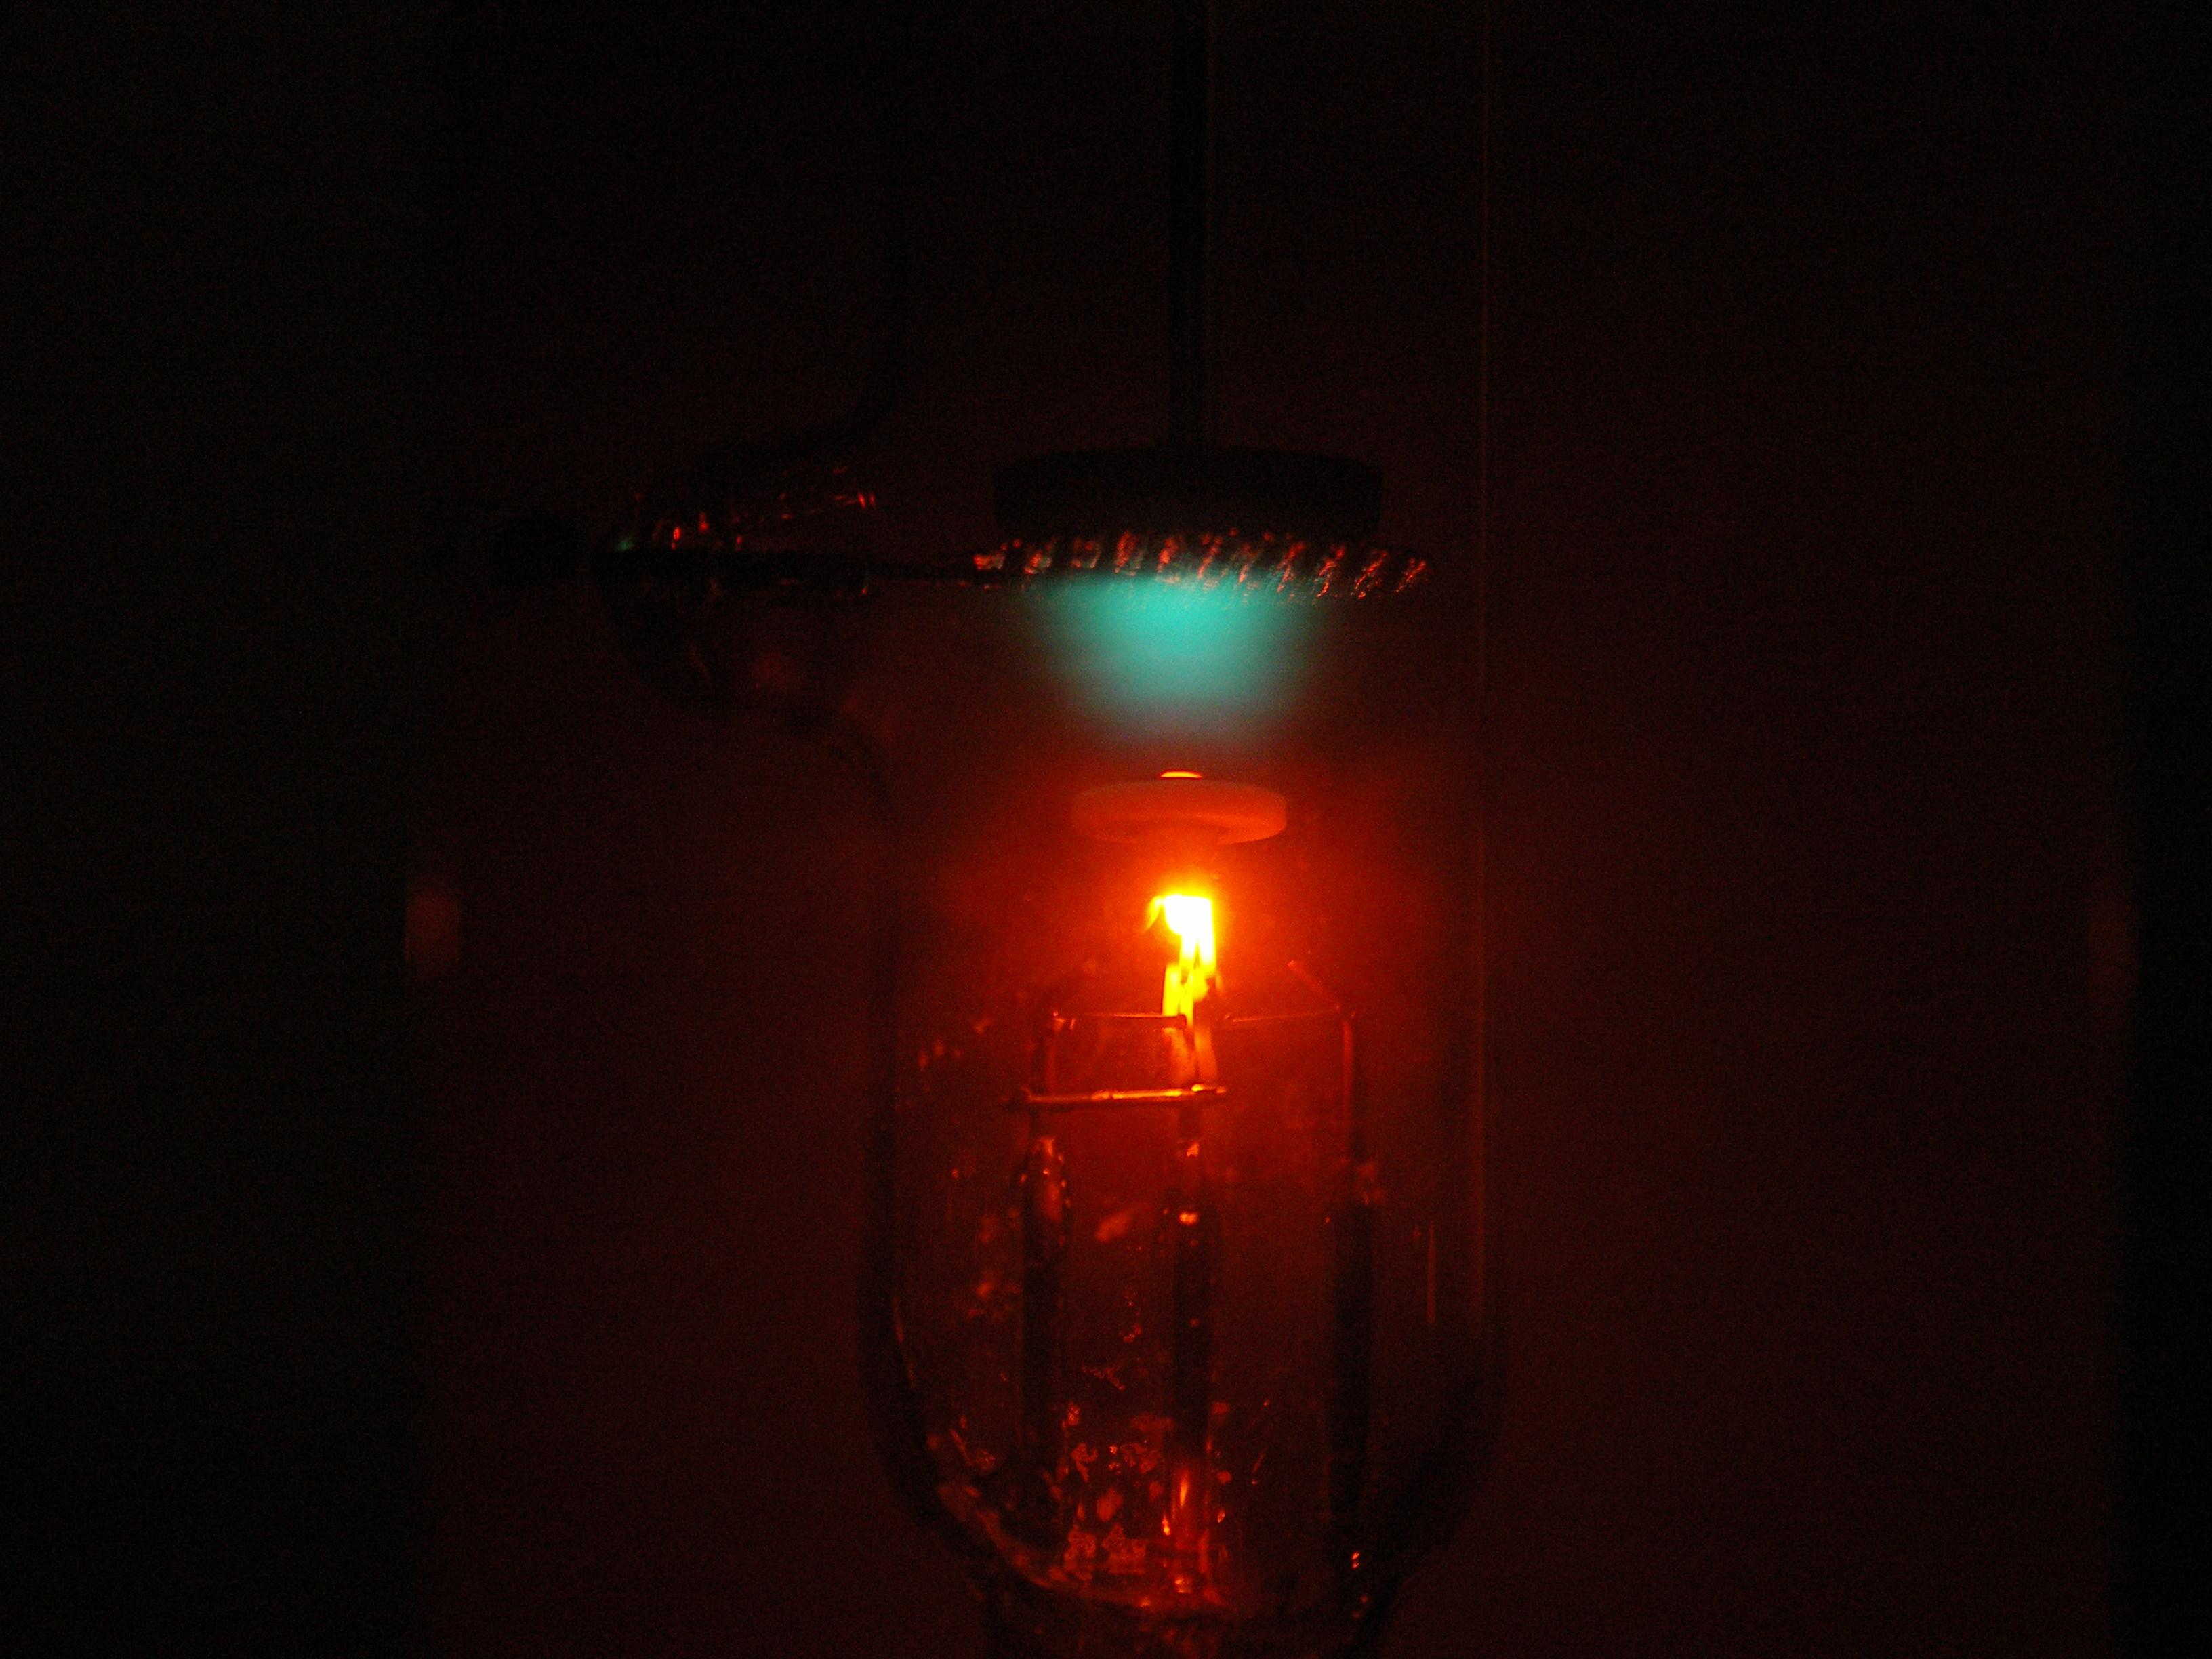 file itdozent franck hertz versuch 5x leuchten. Black Bedroom Furniture Sets. Home Design Ideas